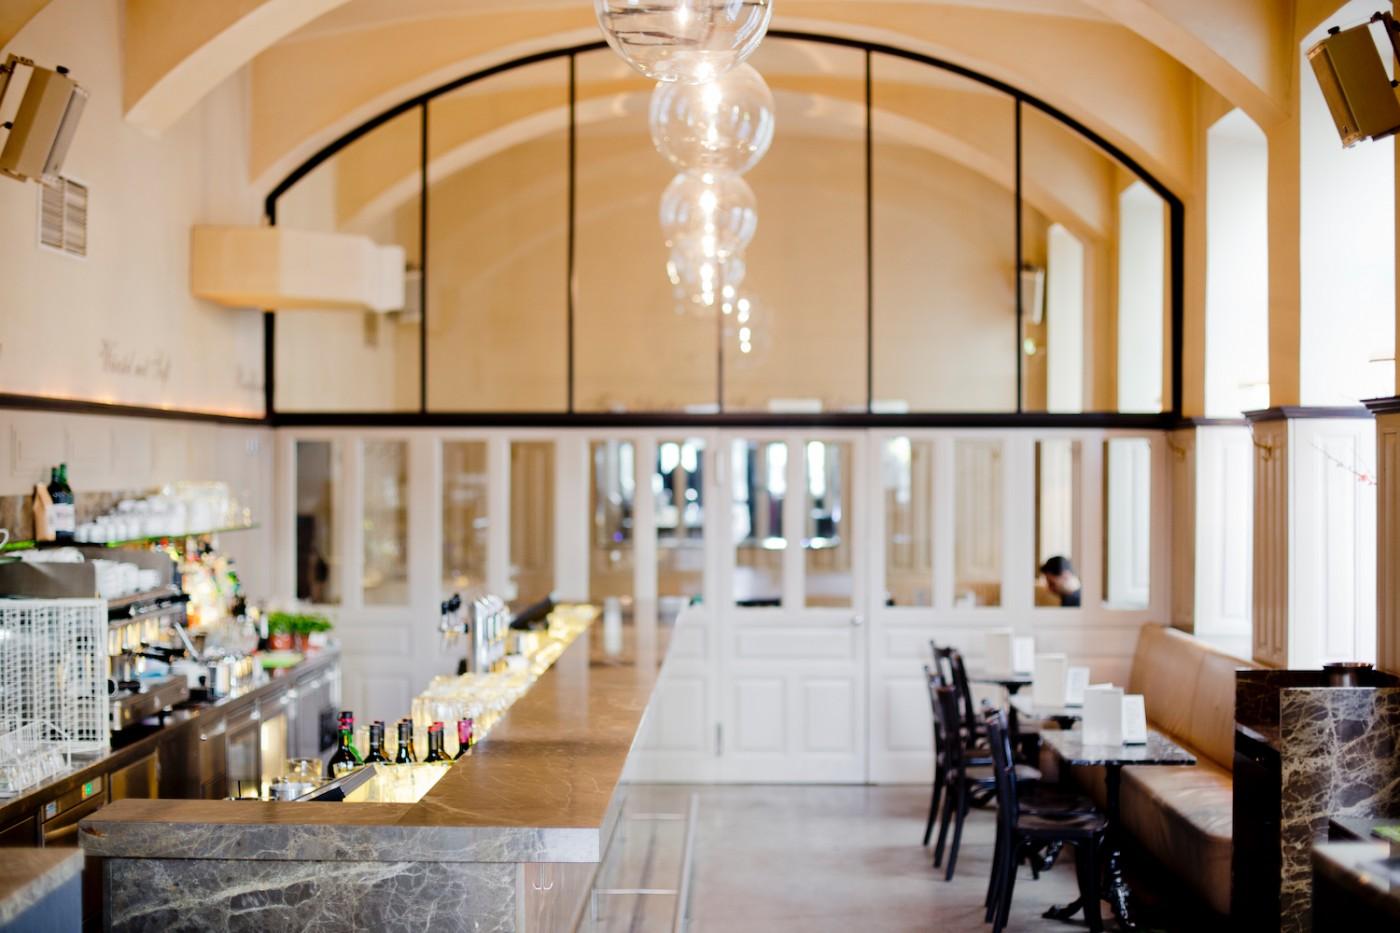 Café Drechsler |Osterwochenende in Wien – 5 Dinge, die wir gemacht haben